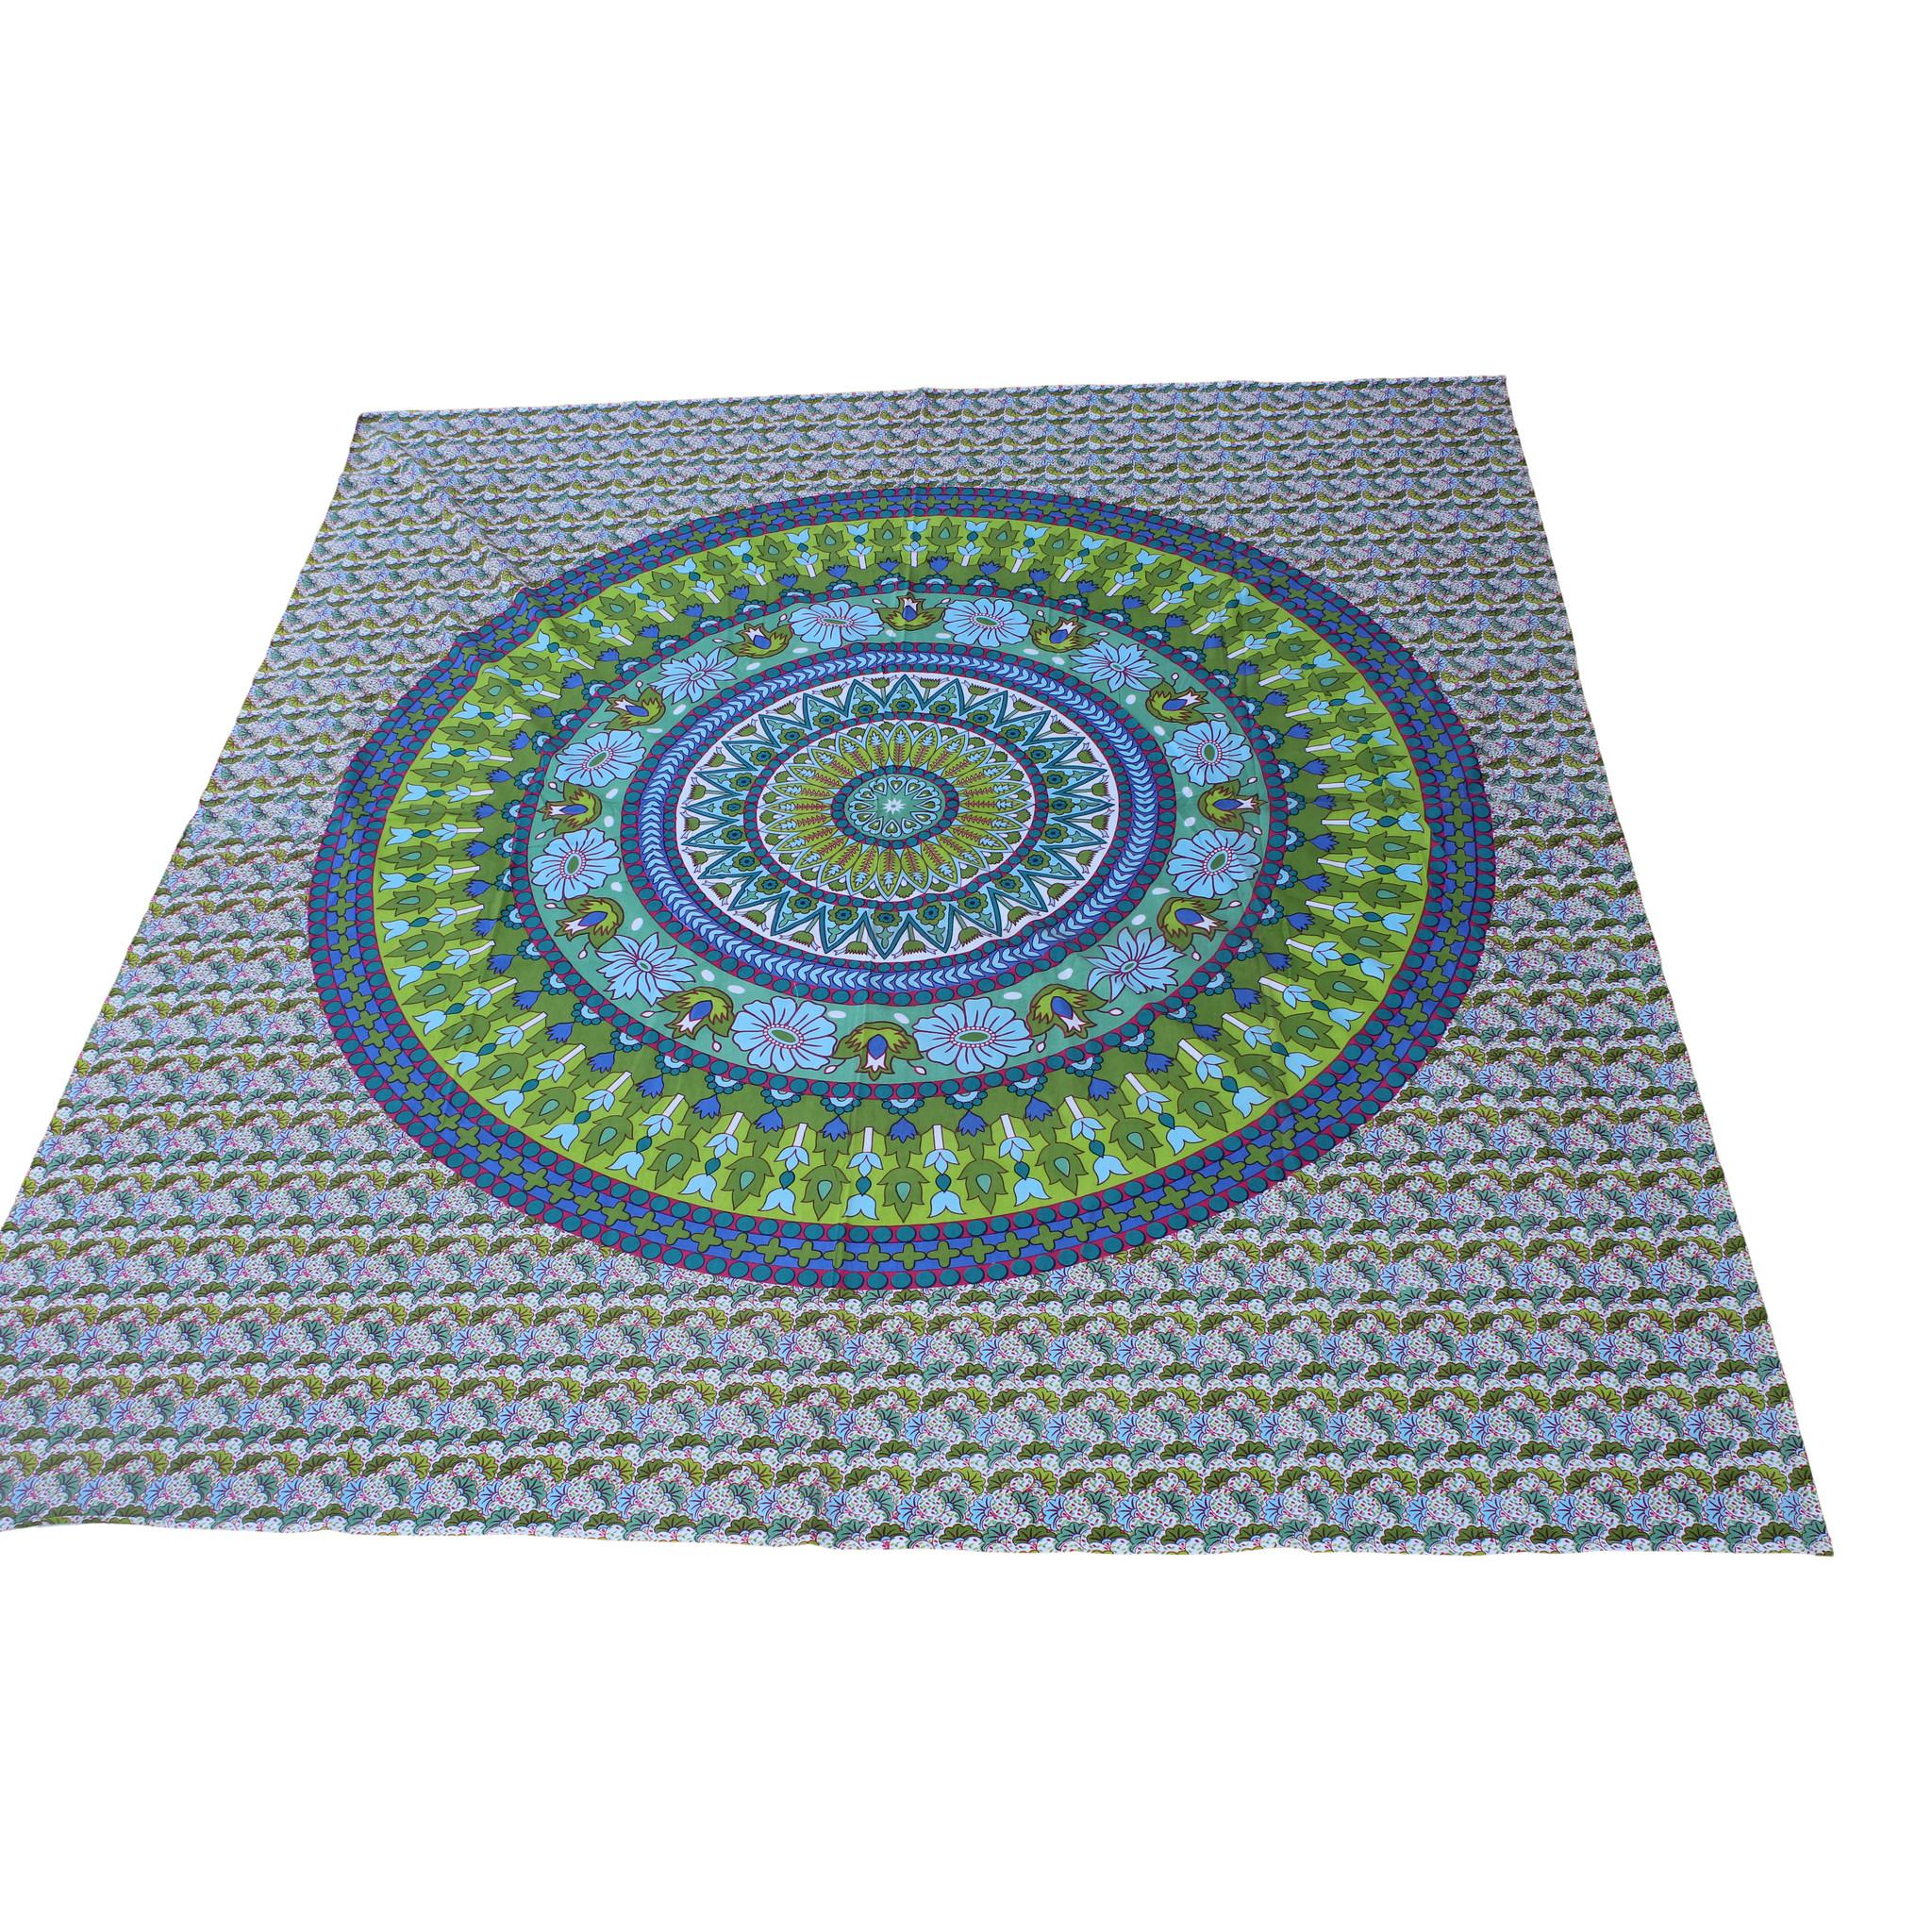 Myroundie Myroundie - roundie - vierkant strandlaken XL – yoga kleed- speelkleed - picknickkleed -100% katoen – Q35